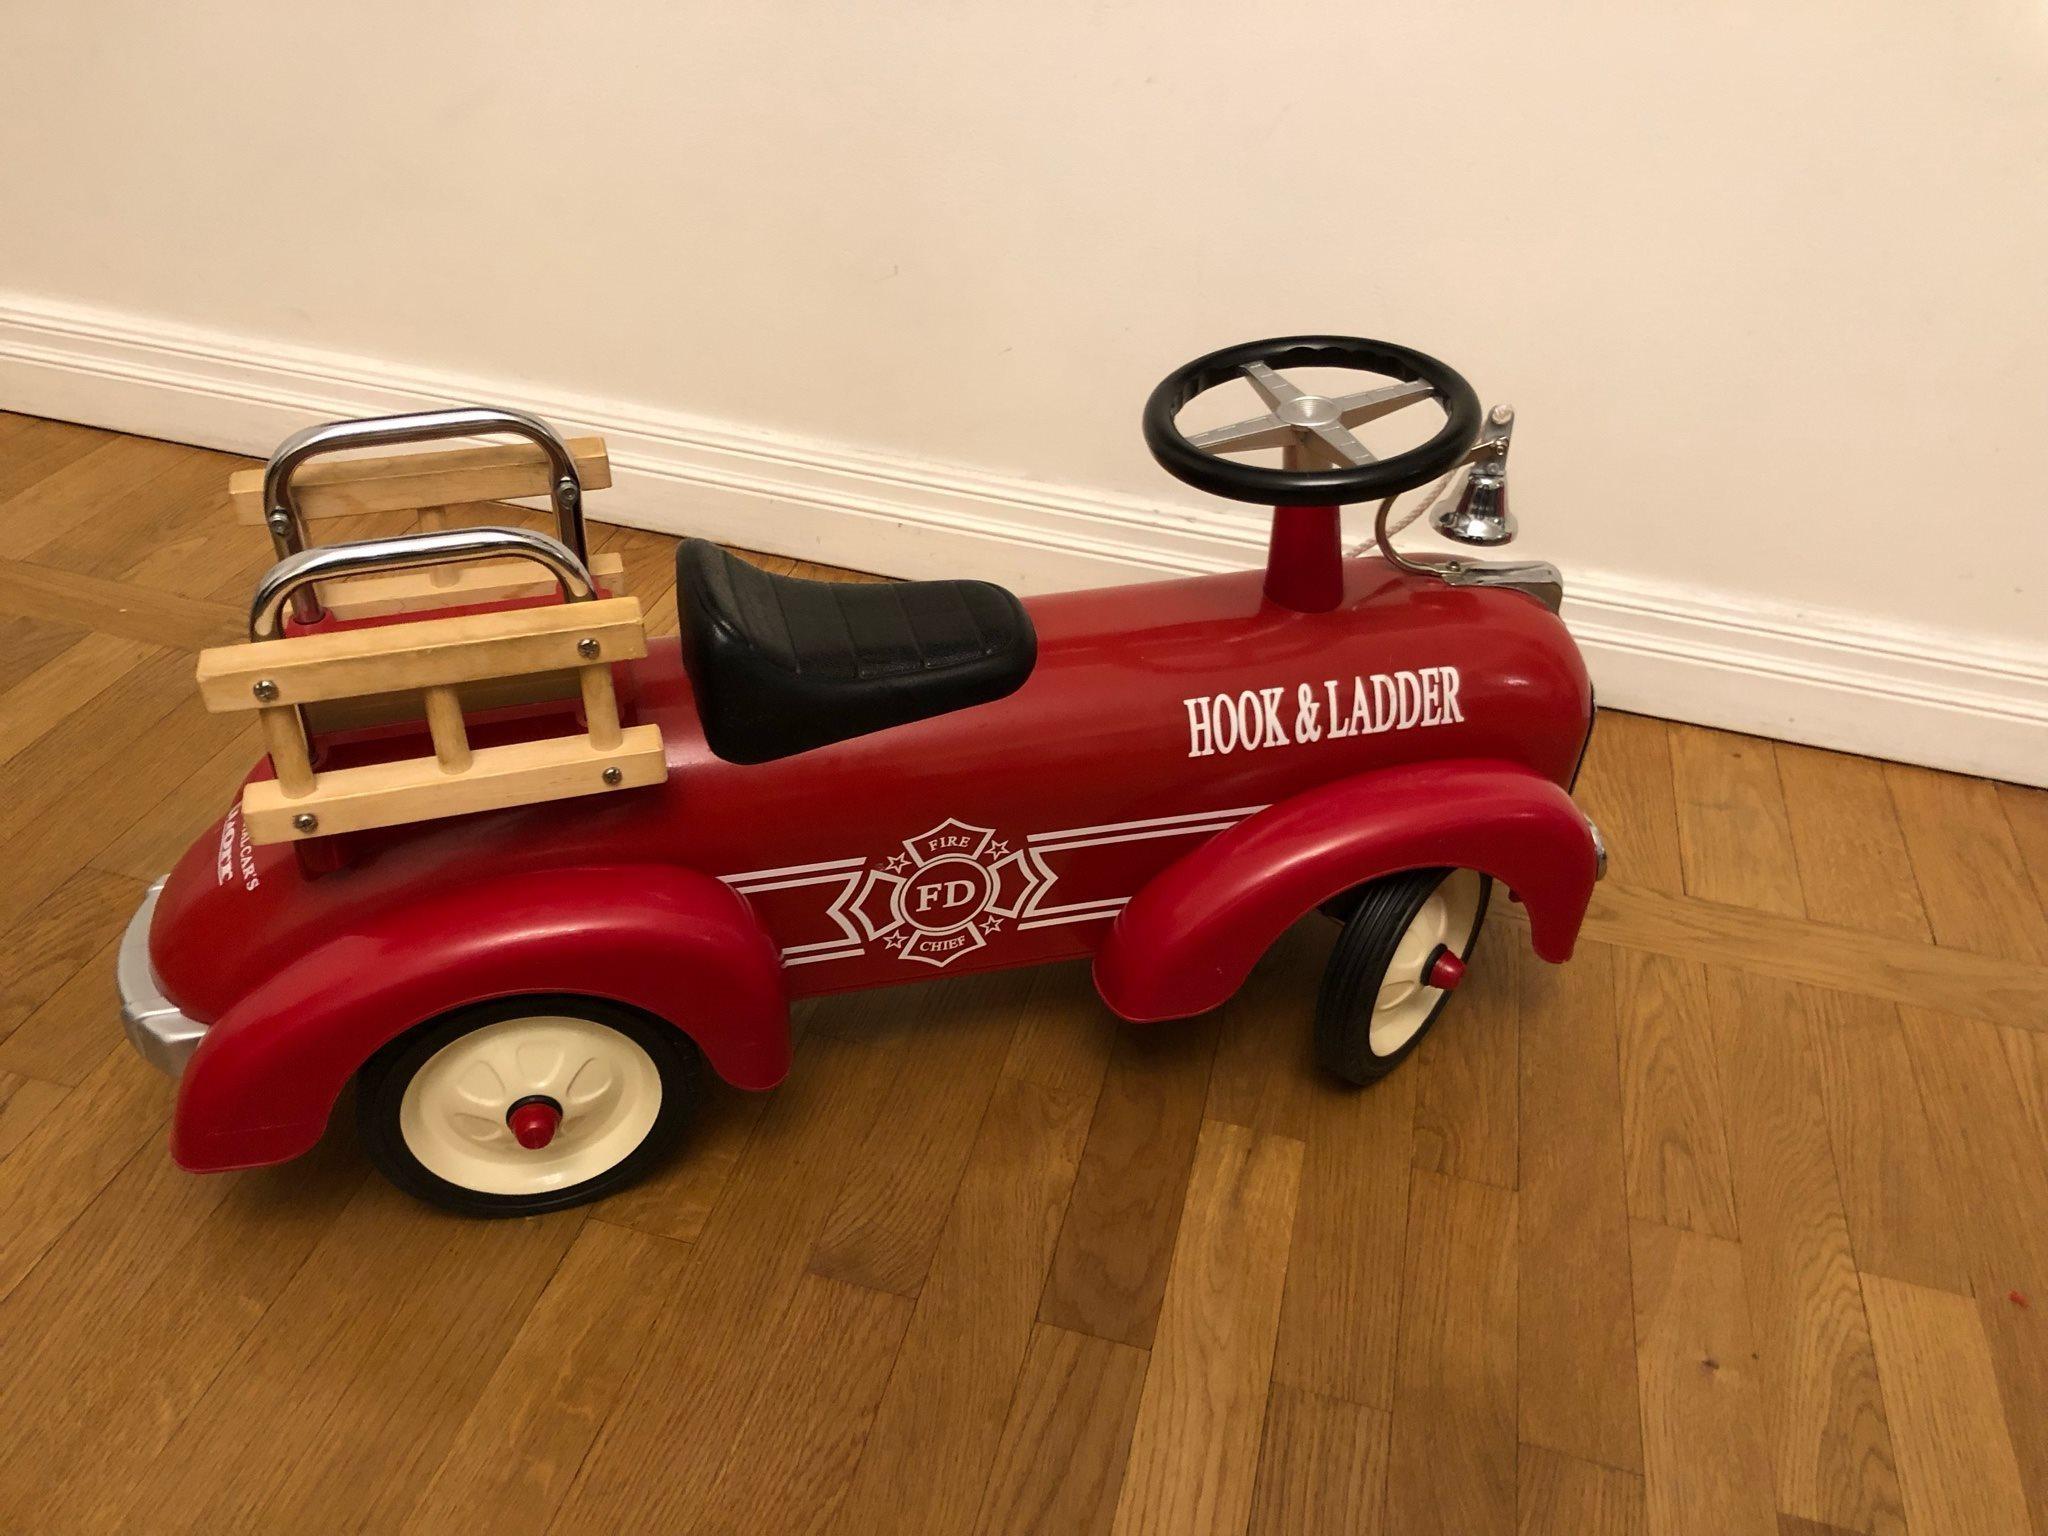 Gåbil mini speeders brandbil speedster röd i härlig retro-stil